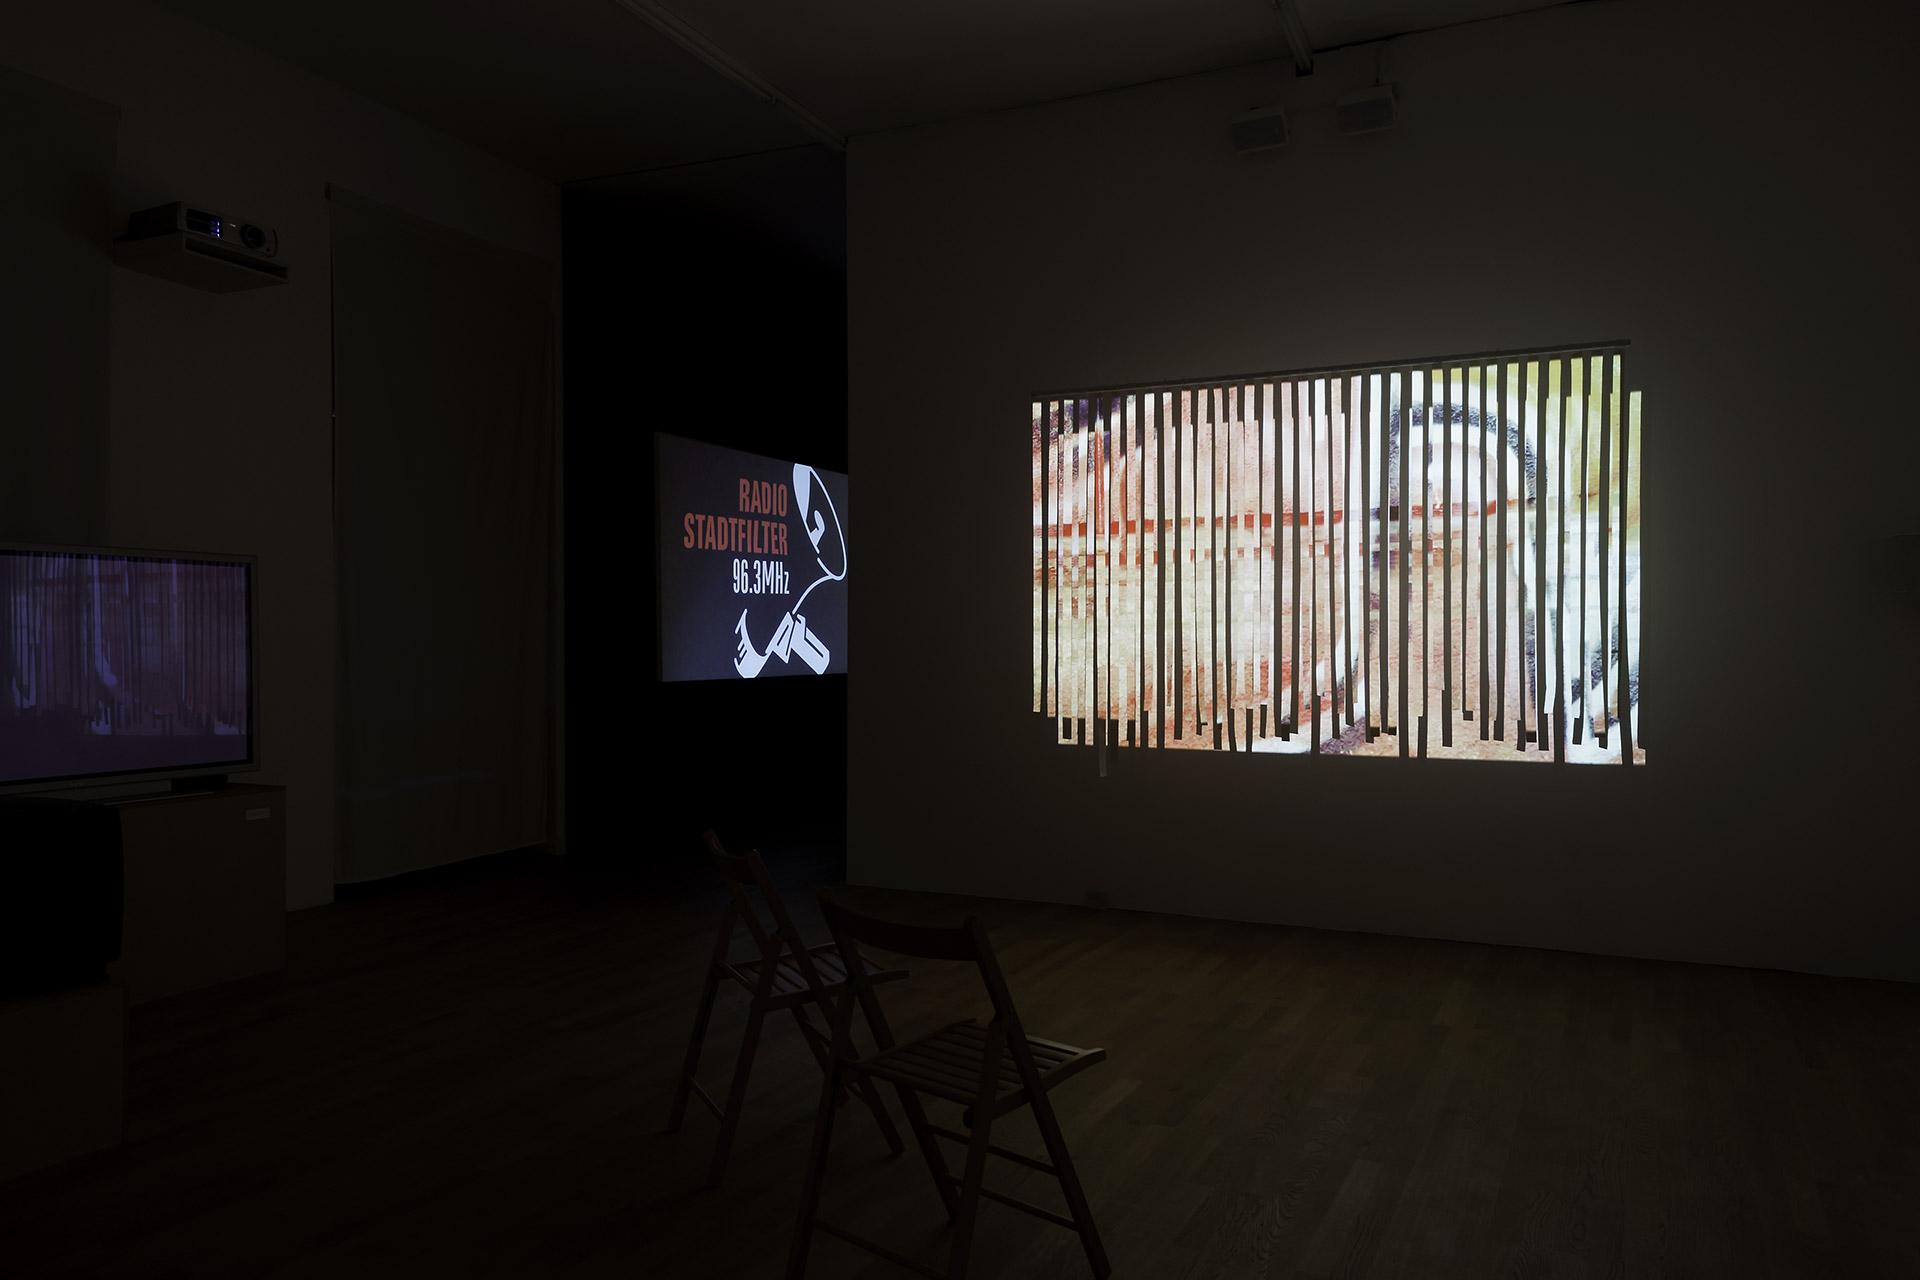 Radio-Stadtfilter-Kunsthalle-Winterthur-2012-5.jpg